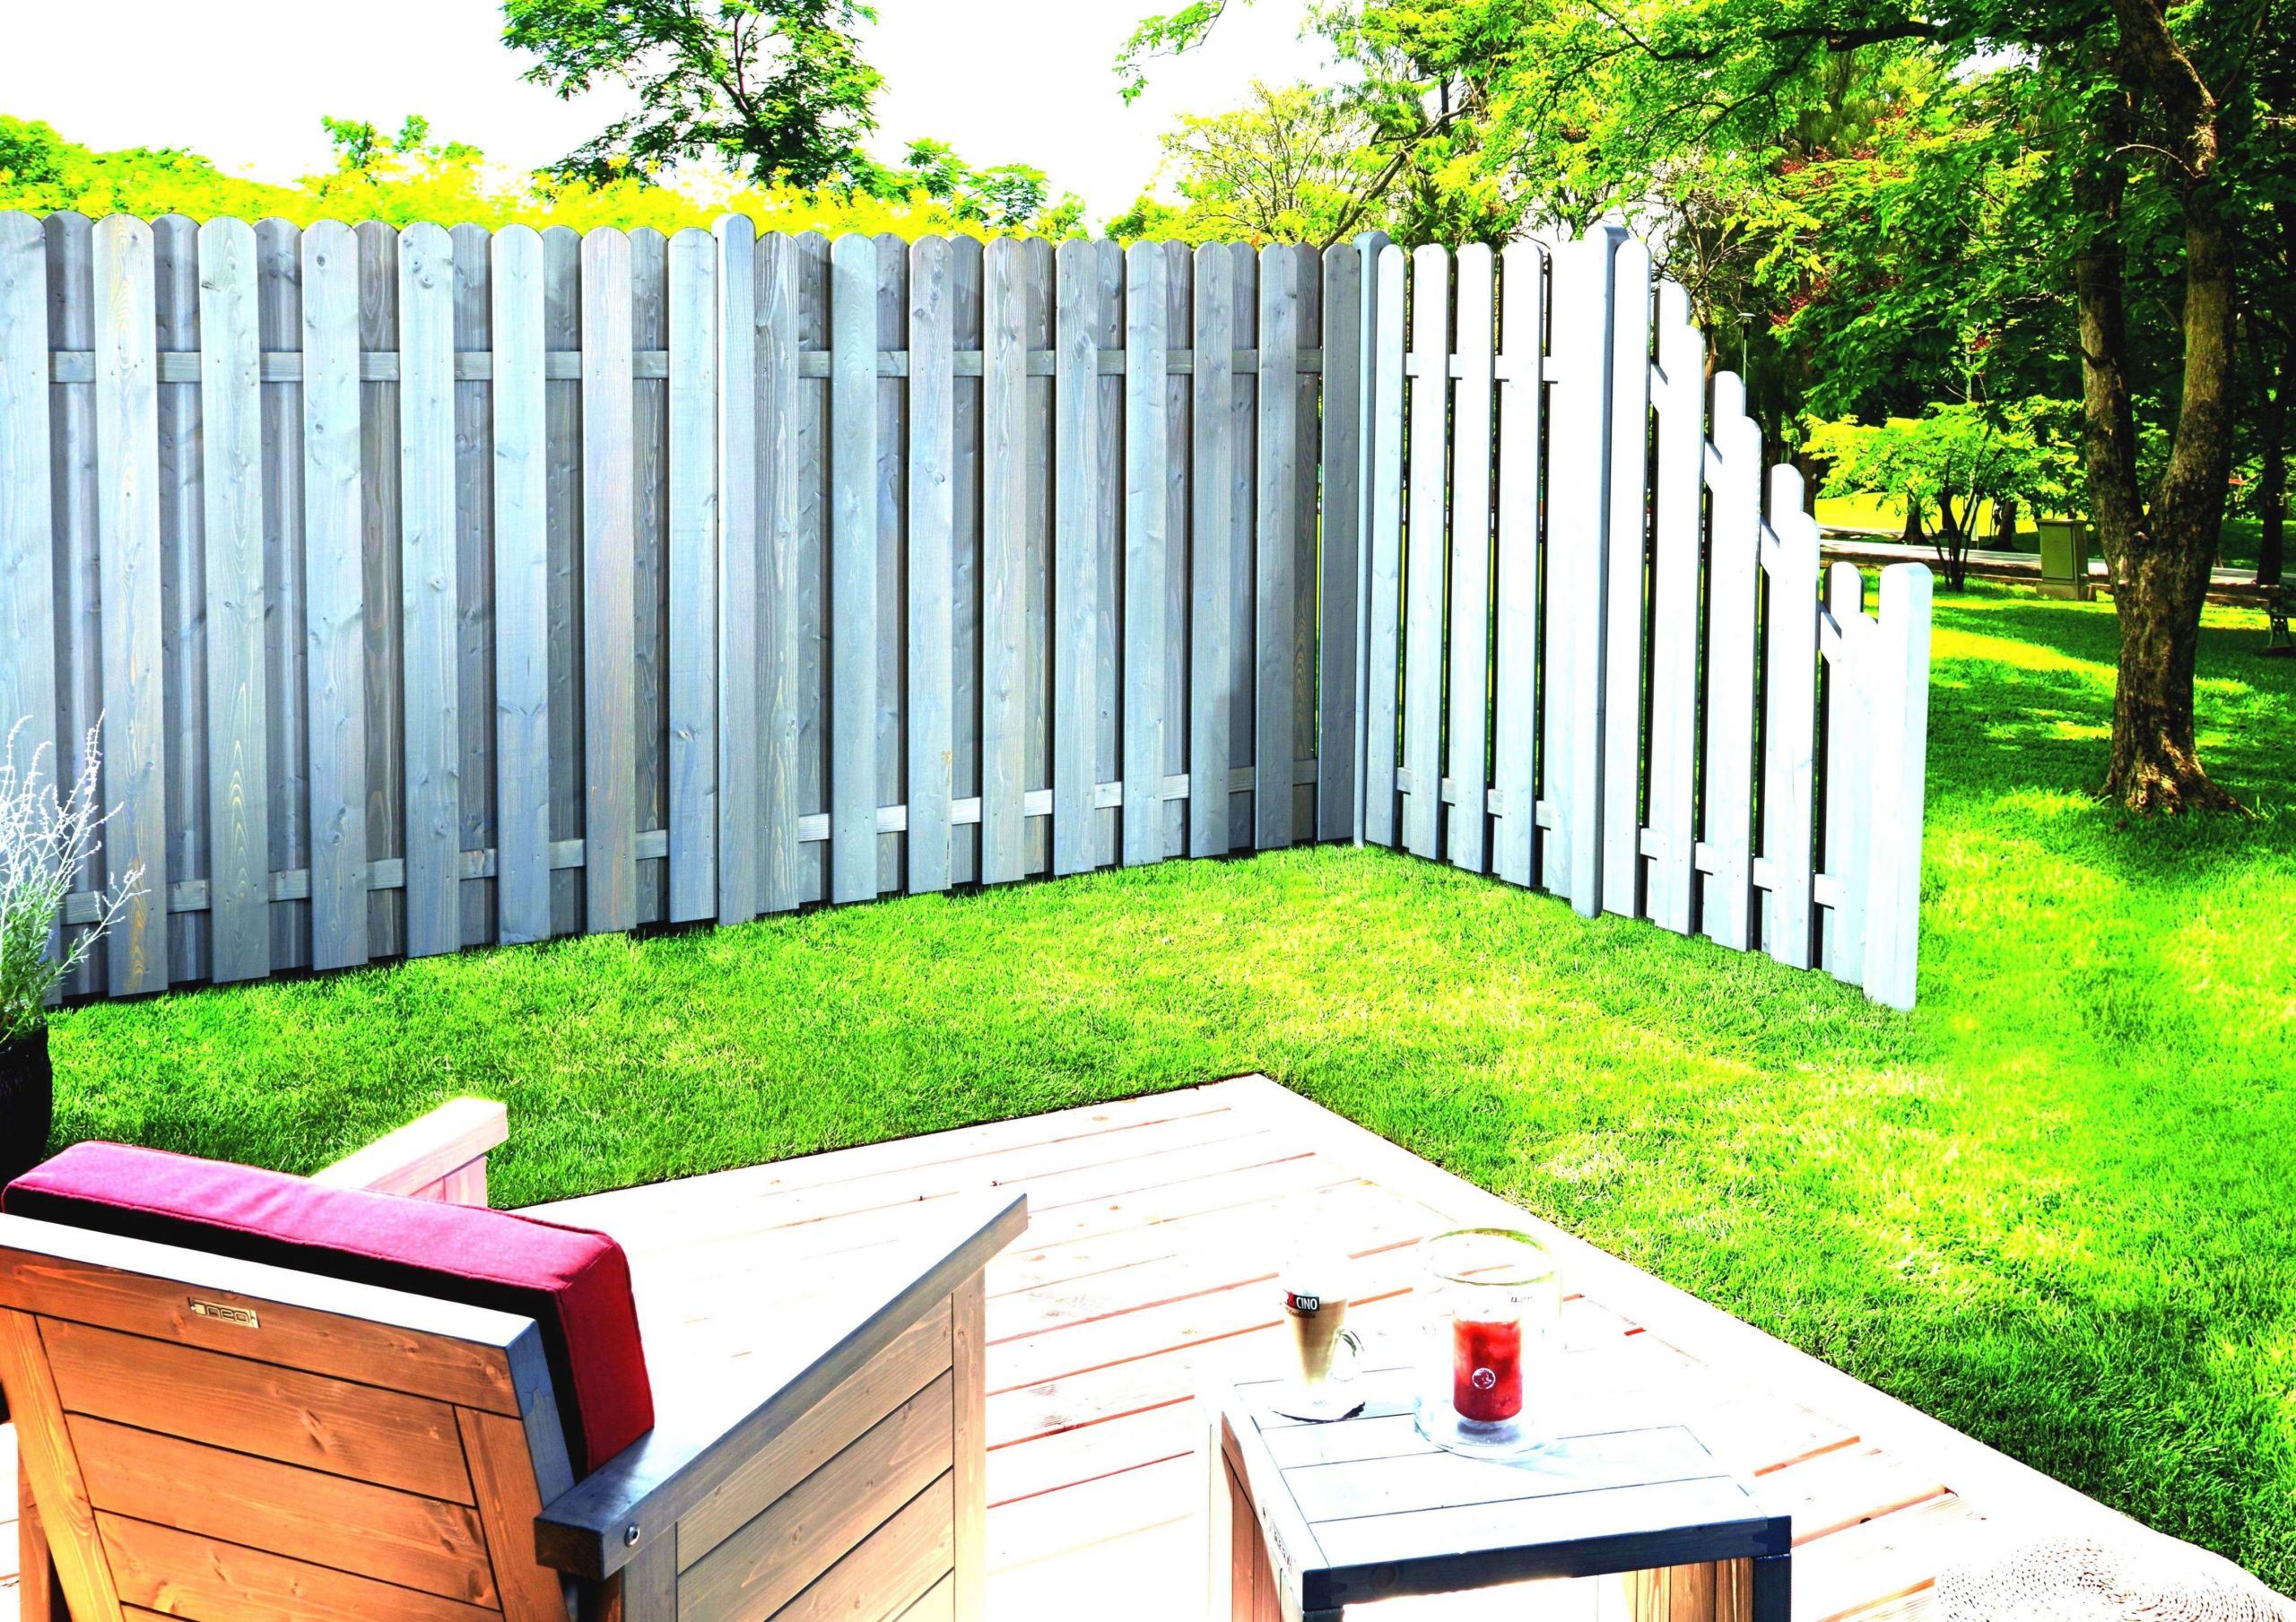 53 neu grillplatz garten ideen foto schema von garten ideen grillplatz garten ideen grillplatz garten ideen